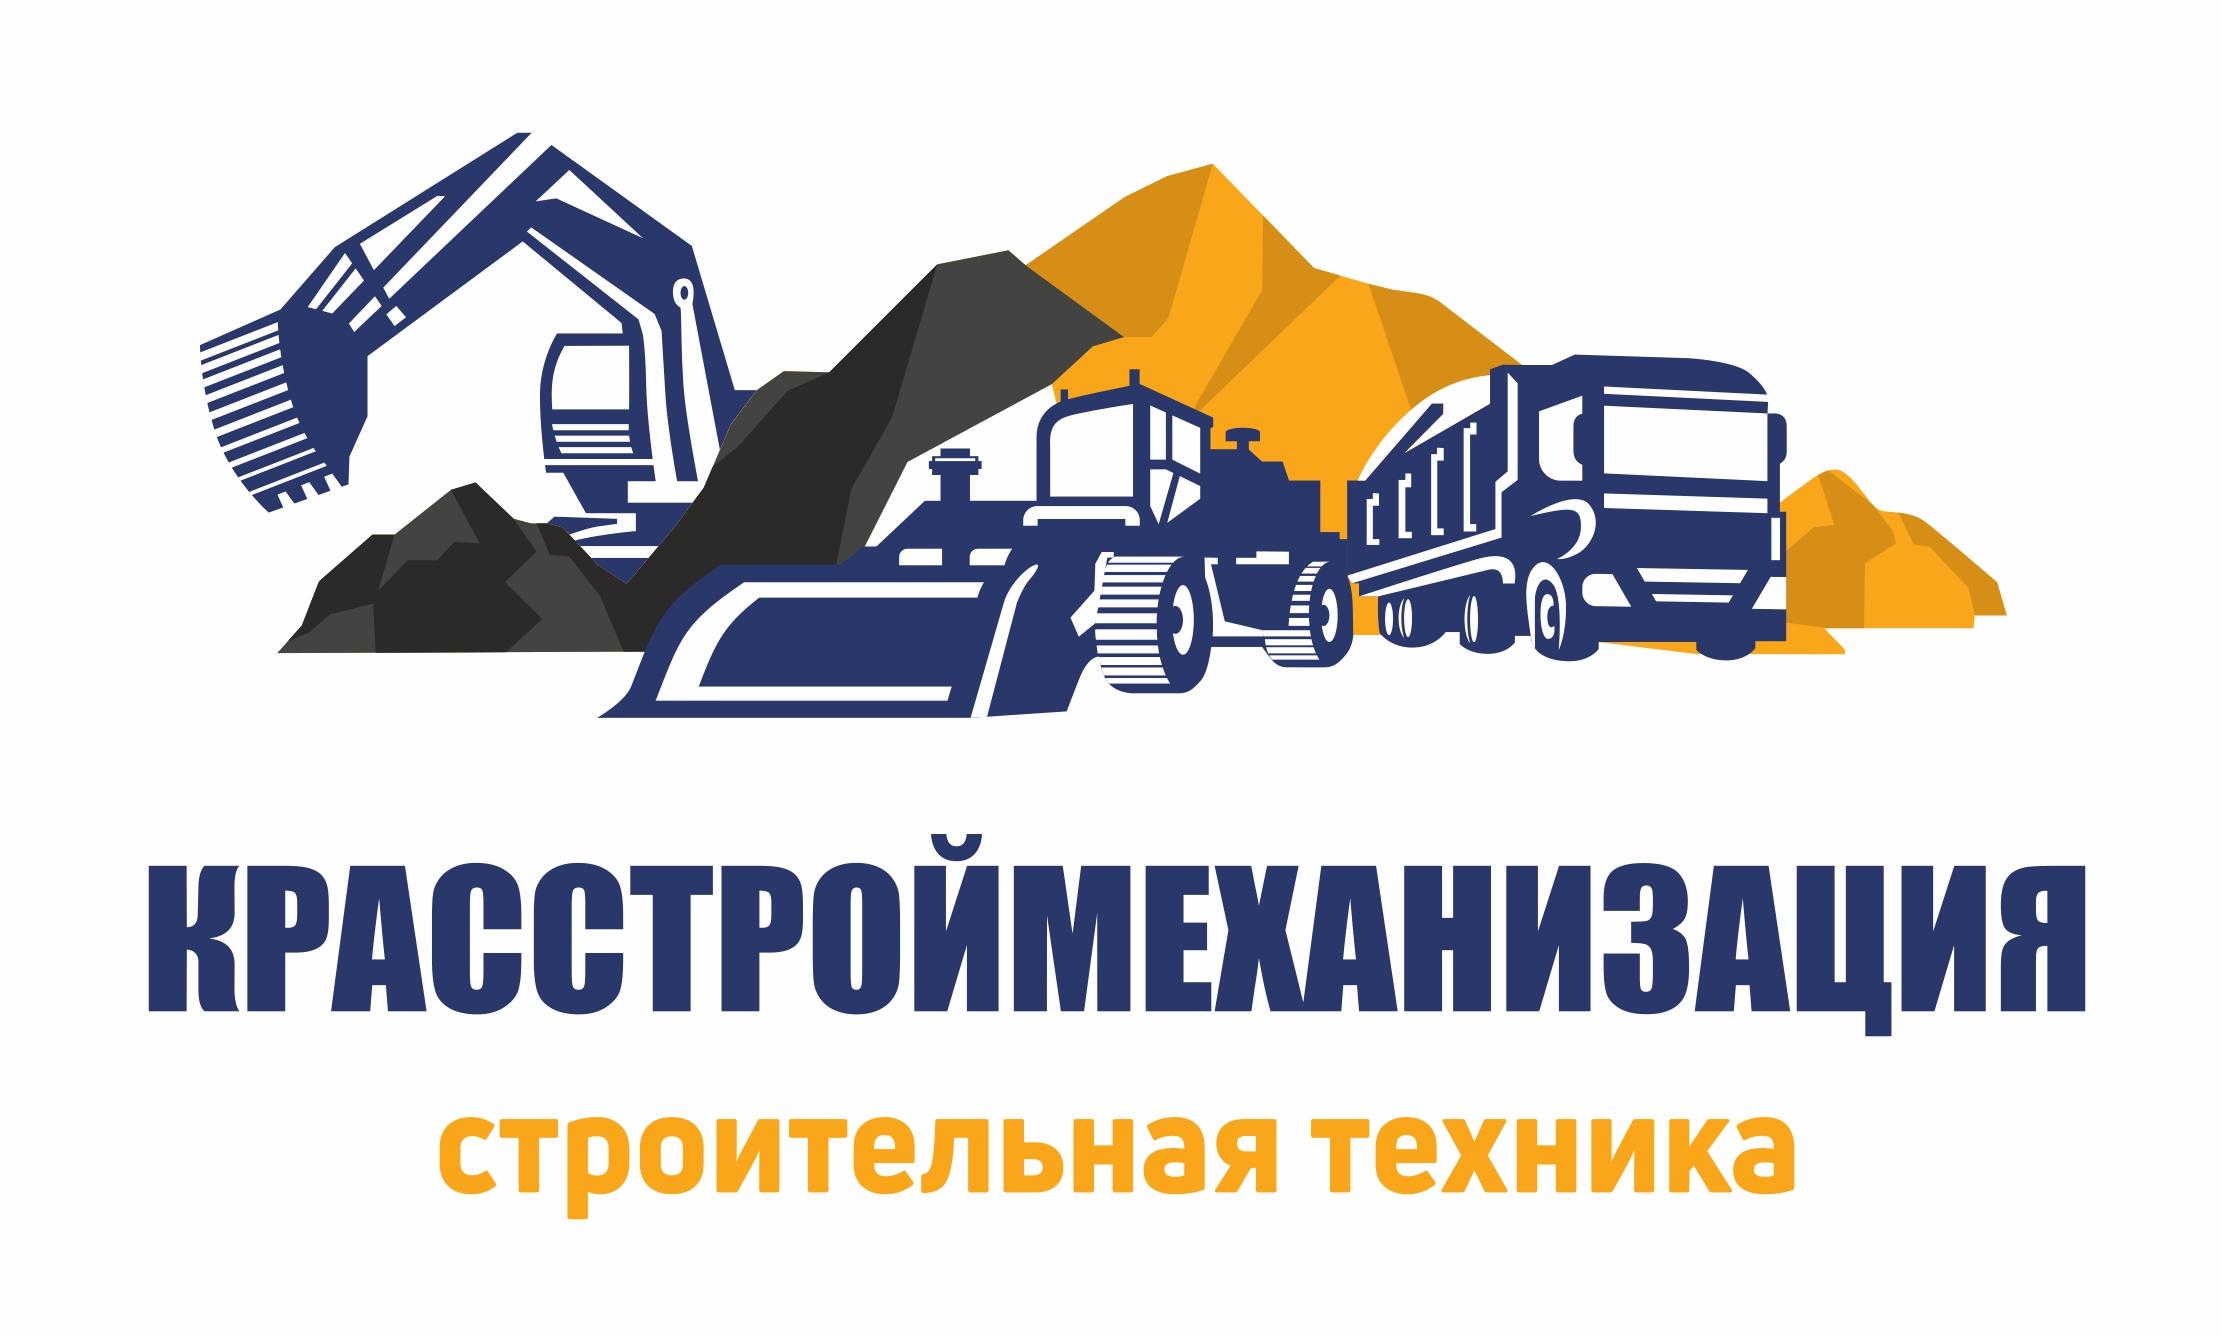 Аренда спецтехники в Красноярске